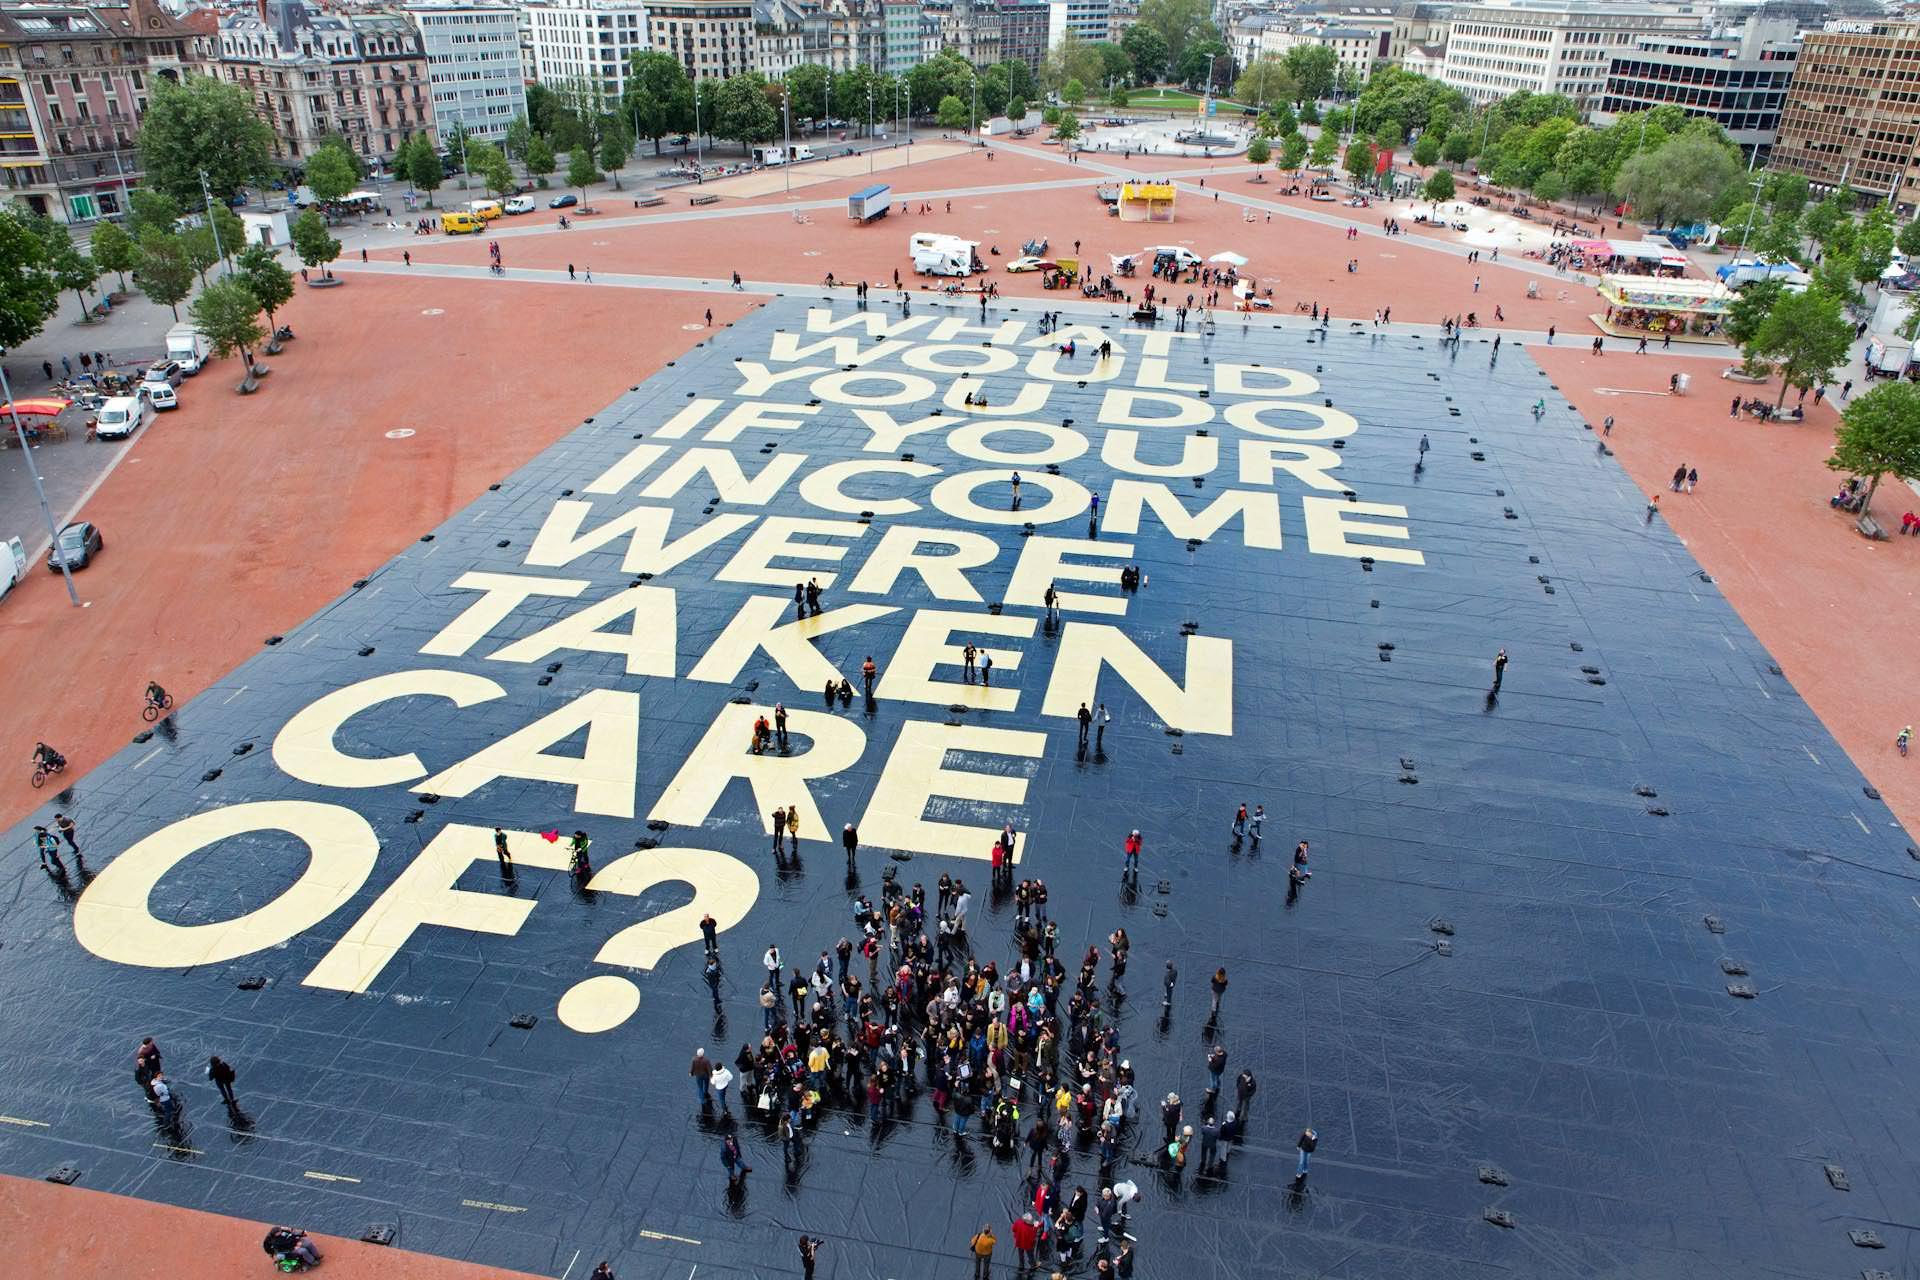 """Und nochmal besticht die Kampagne durch ihre Kreativität: Eine der Aktionen hat es ins """"Guinness-Buch der Rekorde"""" geschafft. Die Frage """"Was würdest du arbeiten, wenn für dein Einkommen gesorgt wäre?"""" wurde in Genf auf ein 8.115,53 Quadratmeter großes Plakat gedruckt und ist damit das größte Plakat der Welt. Das macht das junge Kampagnenteam aus. Ästhetik, Großzügigkeit, überraschende Bilder, kein Dagegen."""